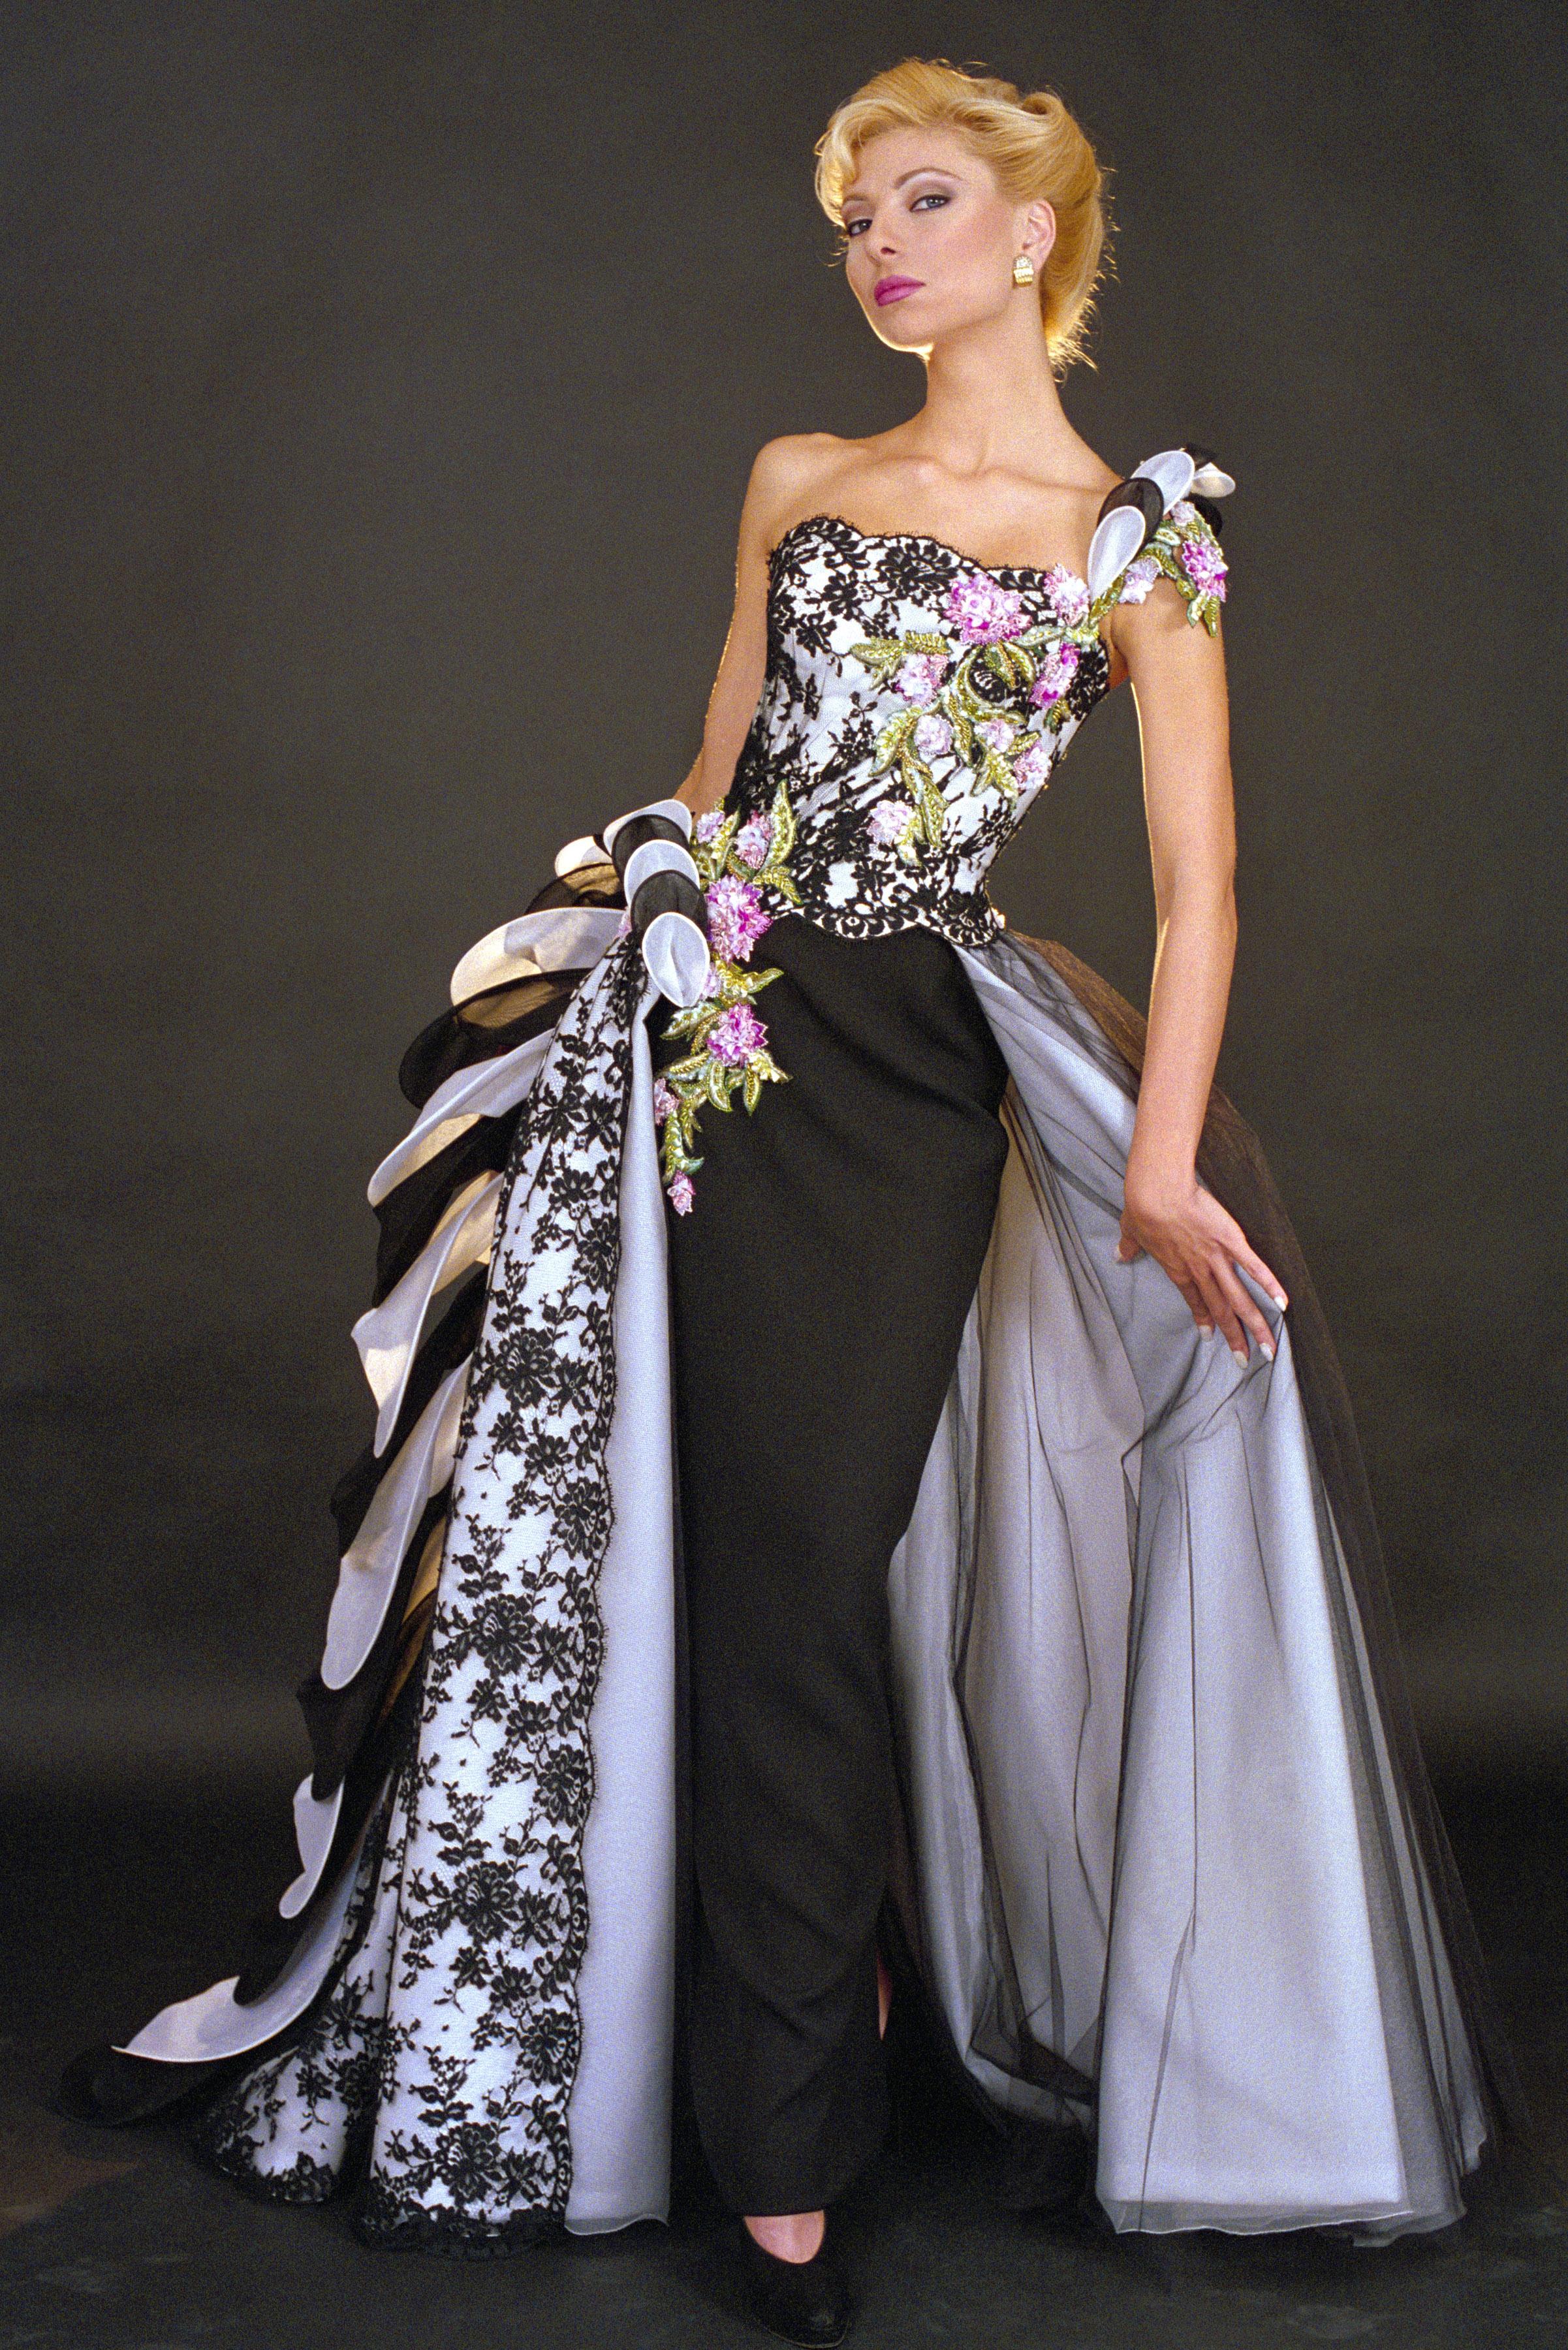 f11f689cae3e Haute Couture dress from Blanka Matragi s 15th anniversary collection